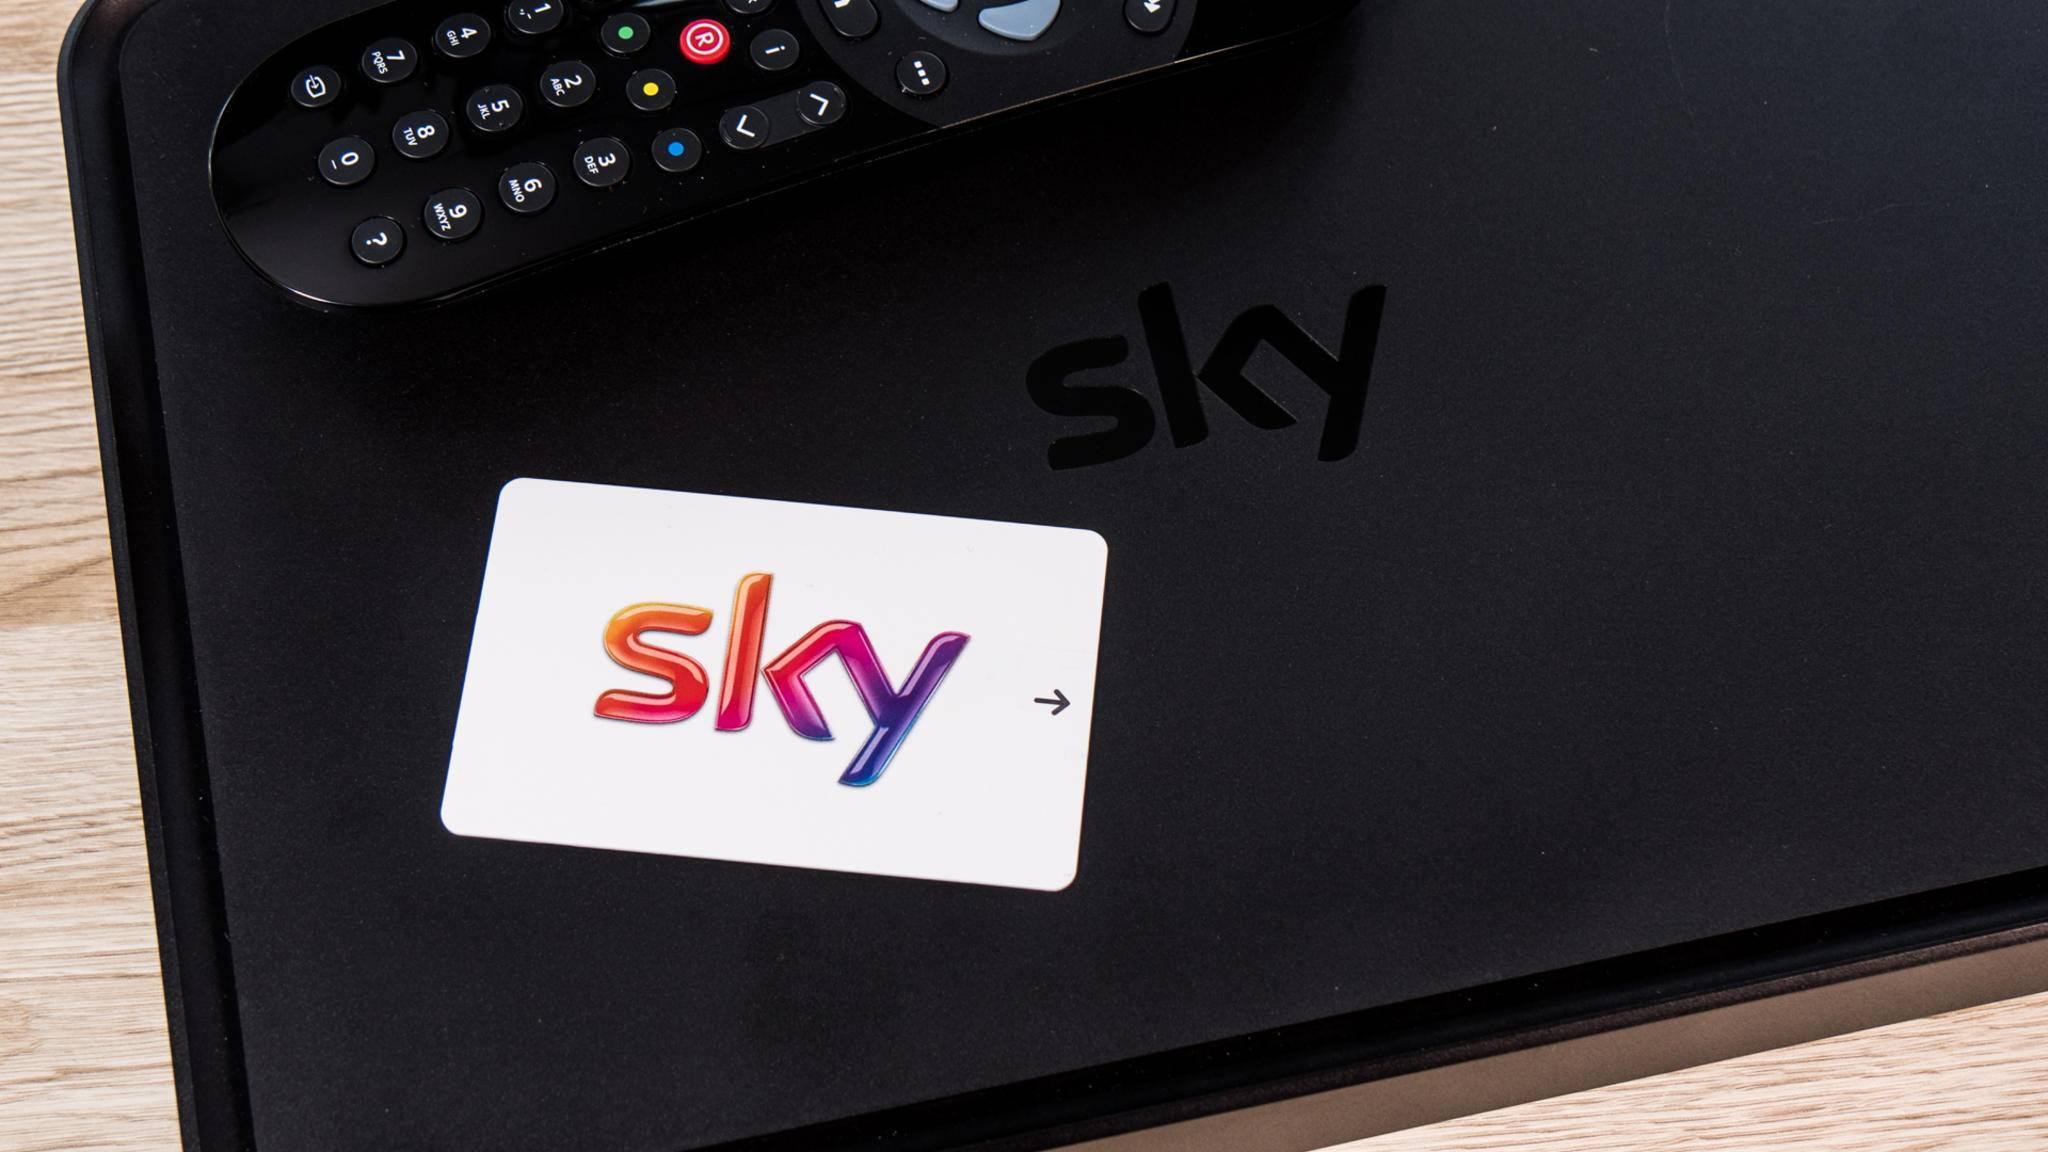 Reset, Neustart oder auch Zurücksetzen: Das kannst Du bei Problemen mit dem Sky-Receiver tun.